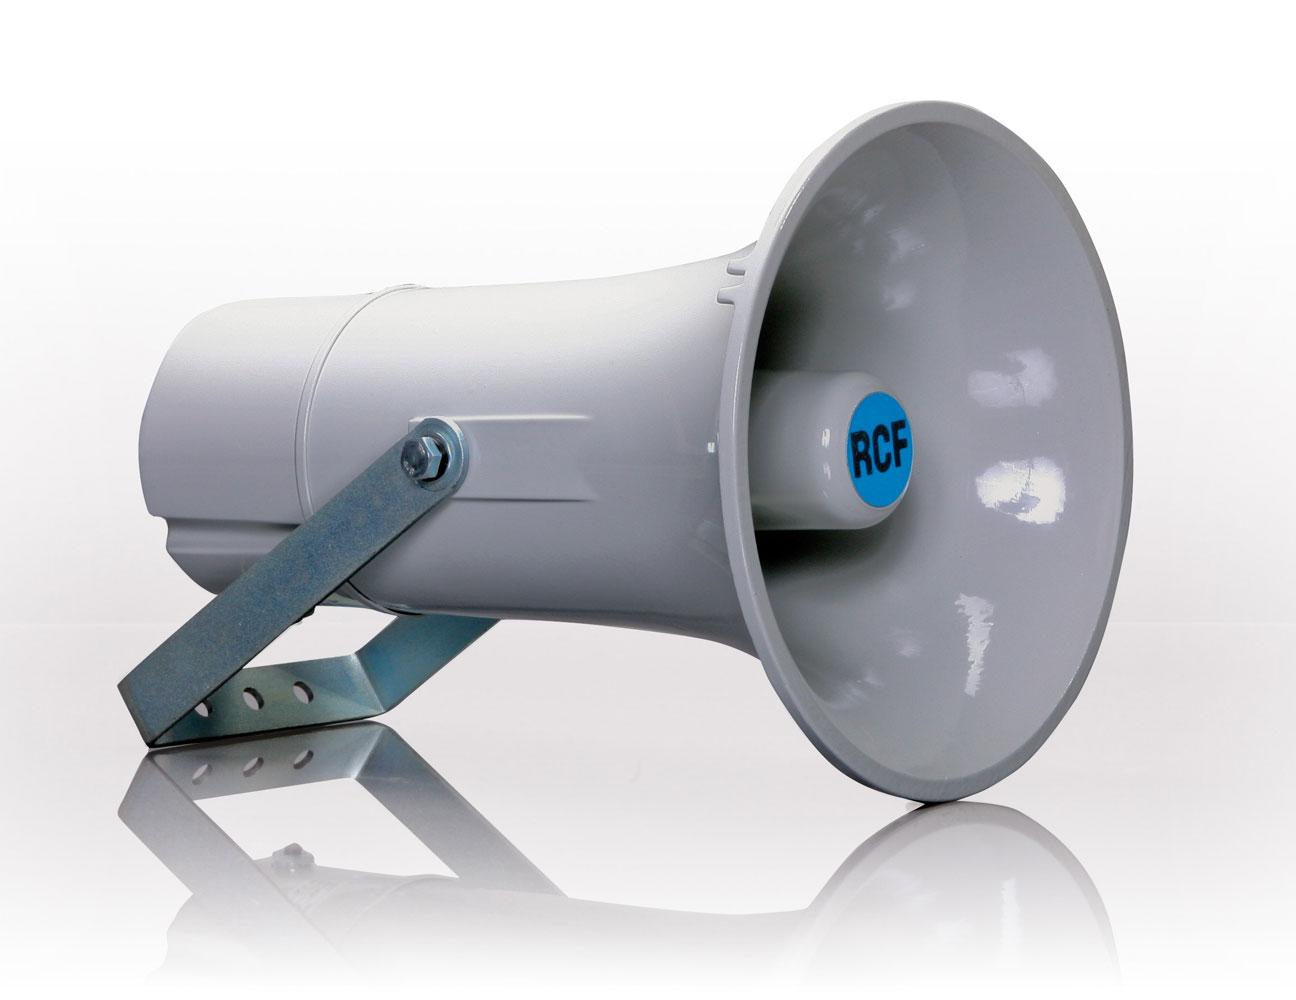 Рупорный громкоговоритель RCF HD 216/ST. Звуковое оборудование.